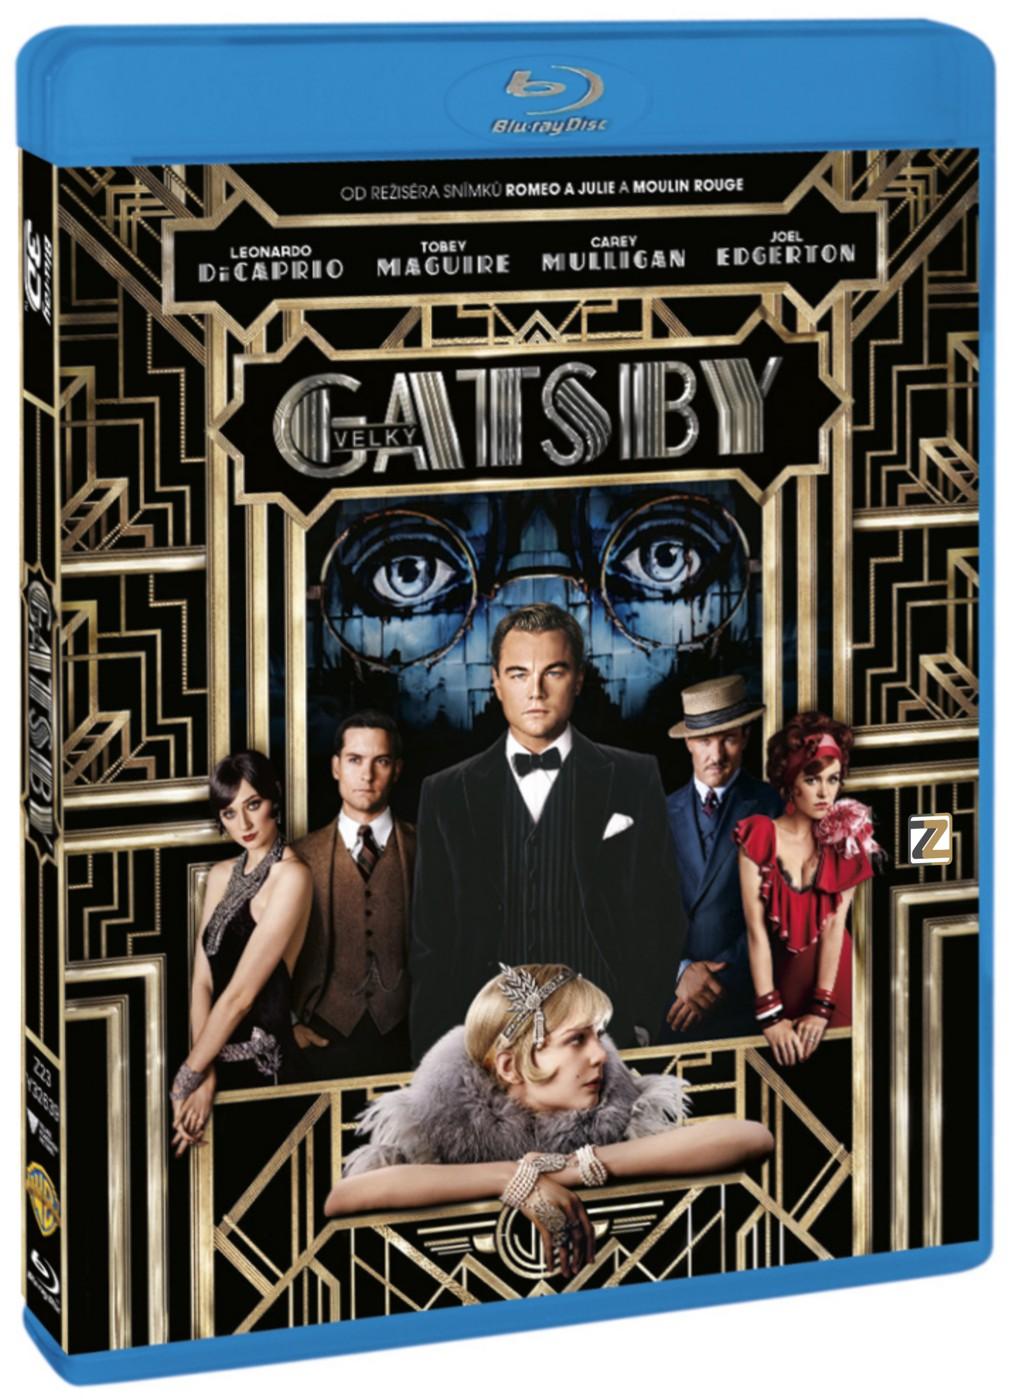 VELKÝ GATSBY (2013) - Blu-ray 3D + 2D